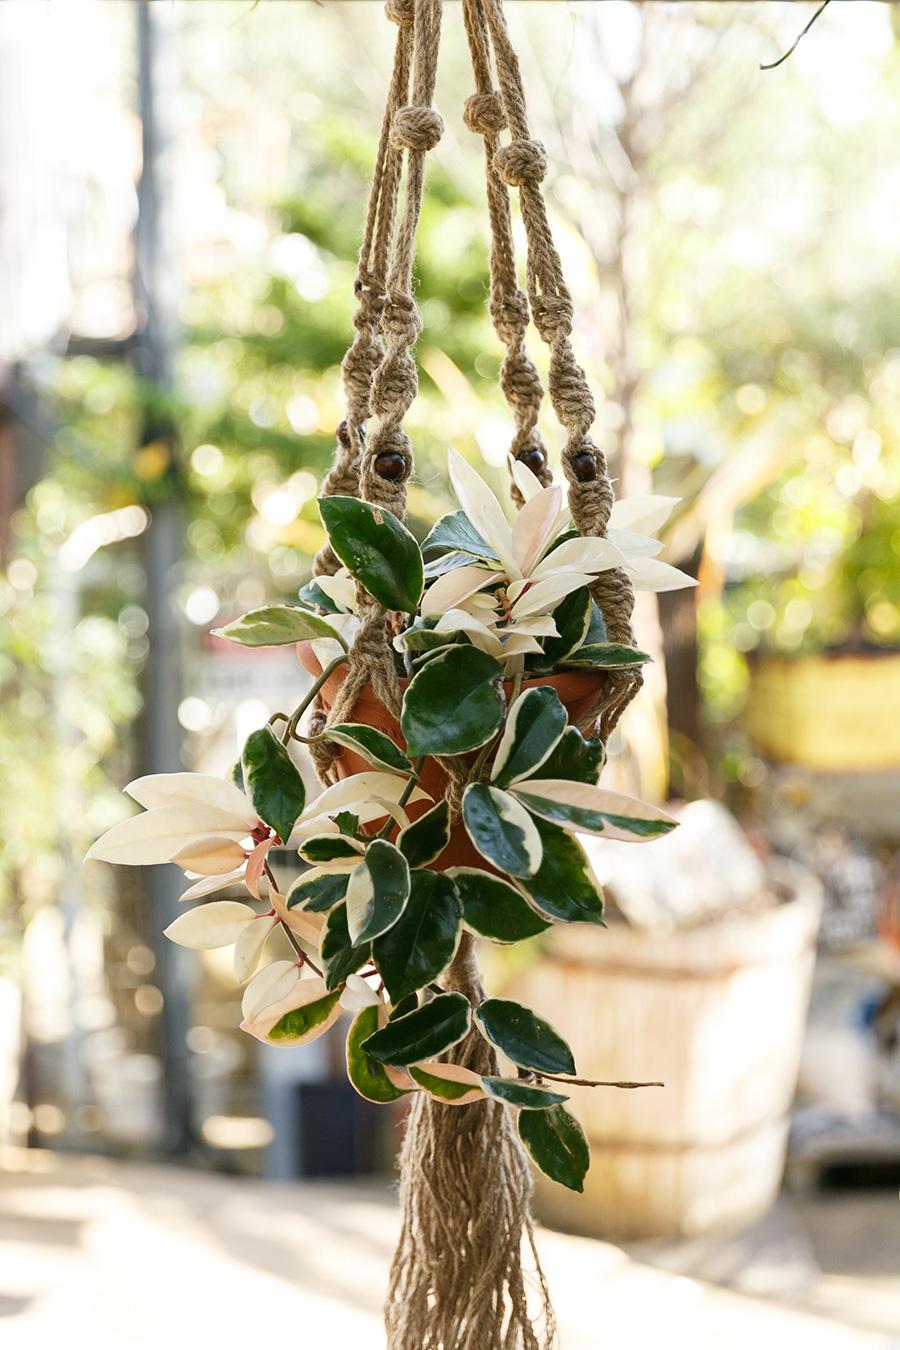 白い葉が交じり肉厚の葉が存在感のあるホヤのマクラメのハンギング。